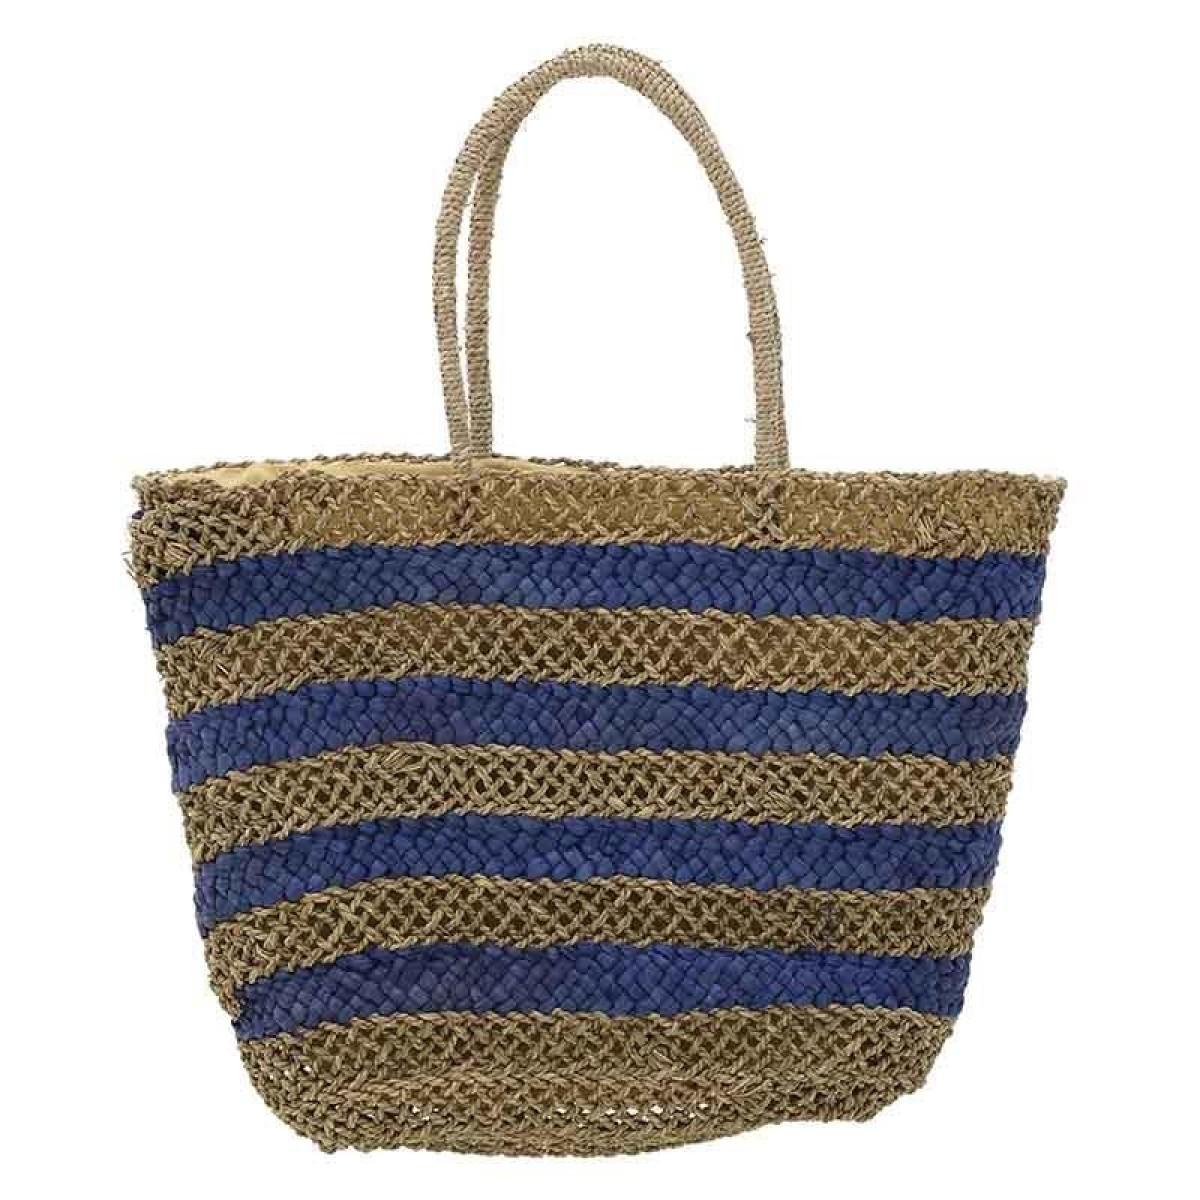 ba23b5f45e Τσάντα ψάθινη ριγέ Ble 5-42-151-0057 - μπλε Γυναικεία